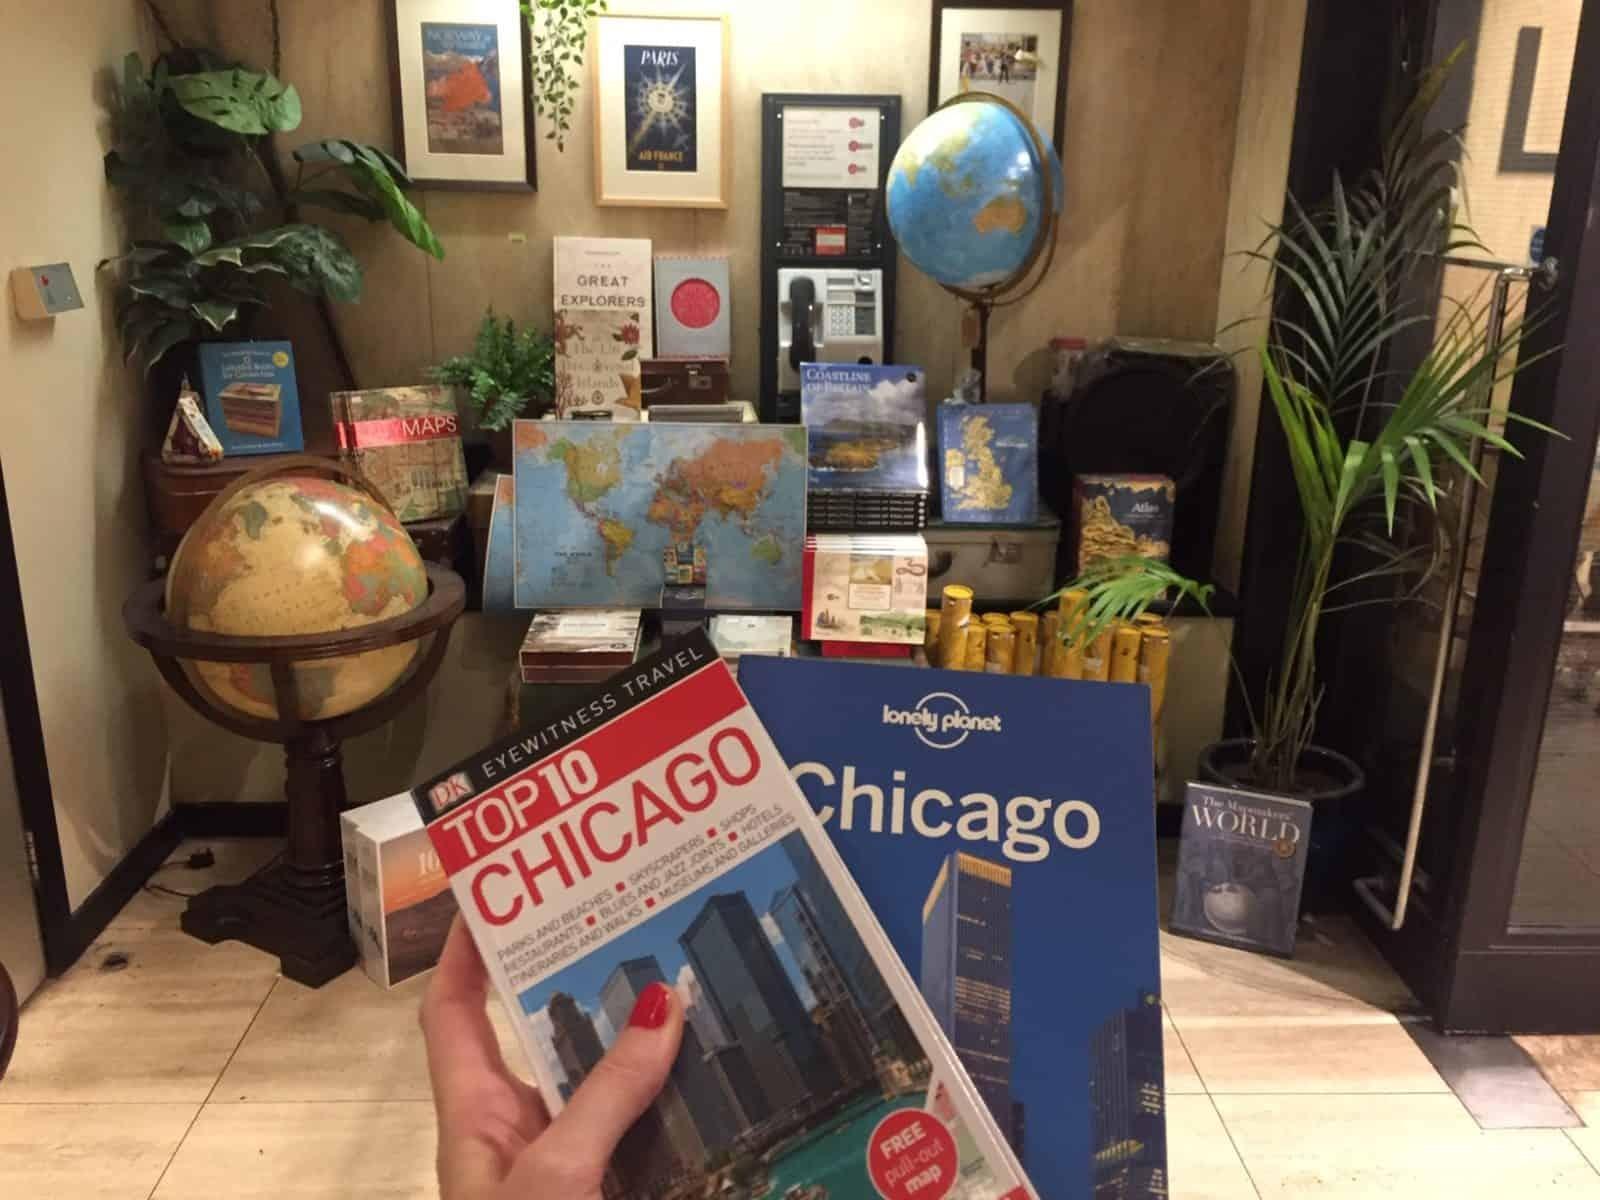 Chicago guide books